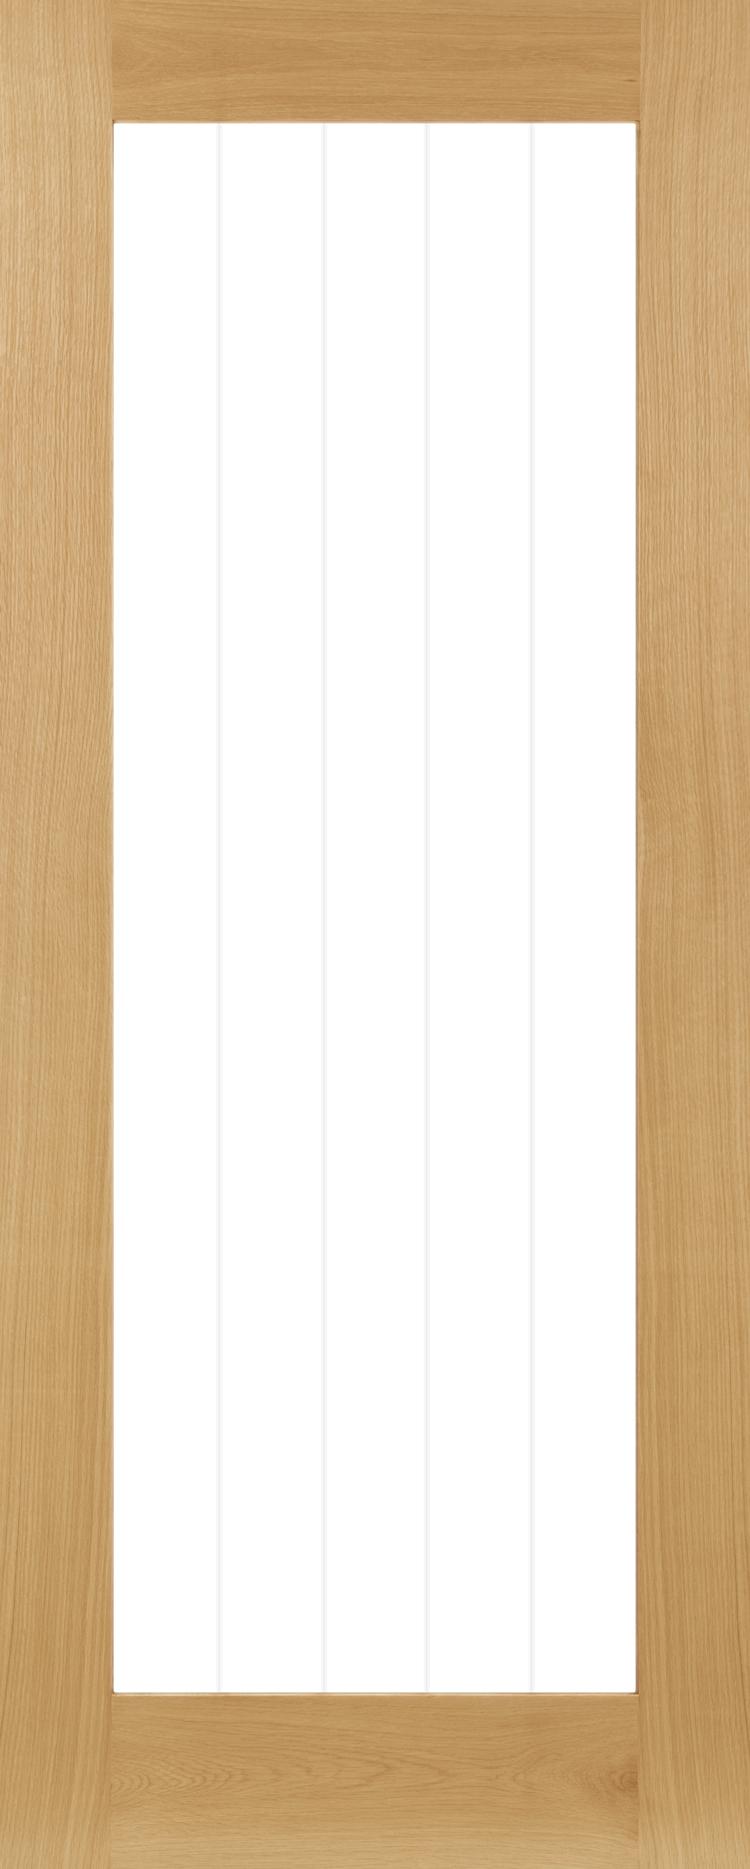 Deanta Ely Oak 1 Light Clear Fully glazed Door Prefinished